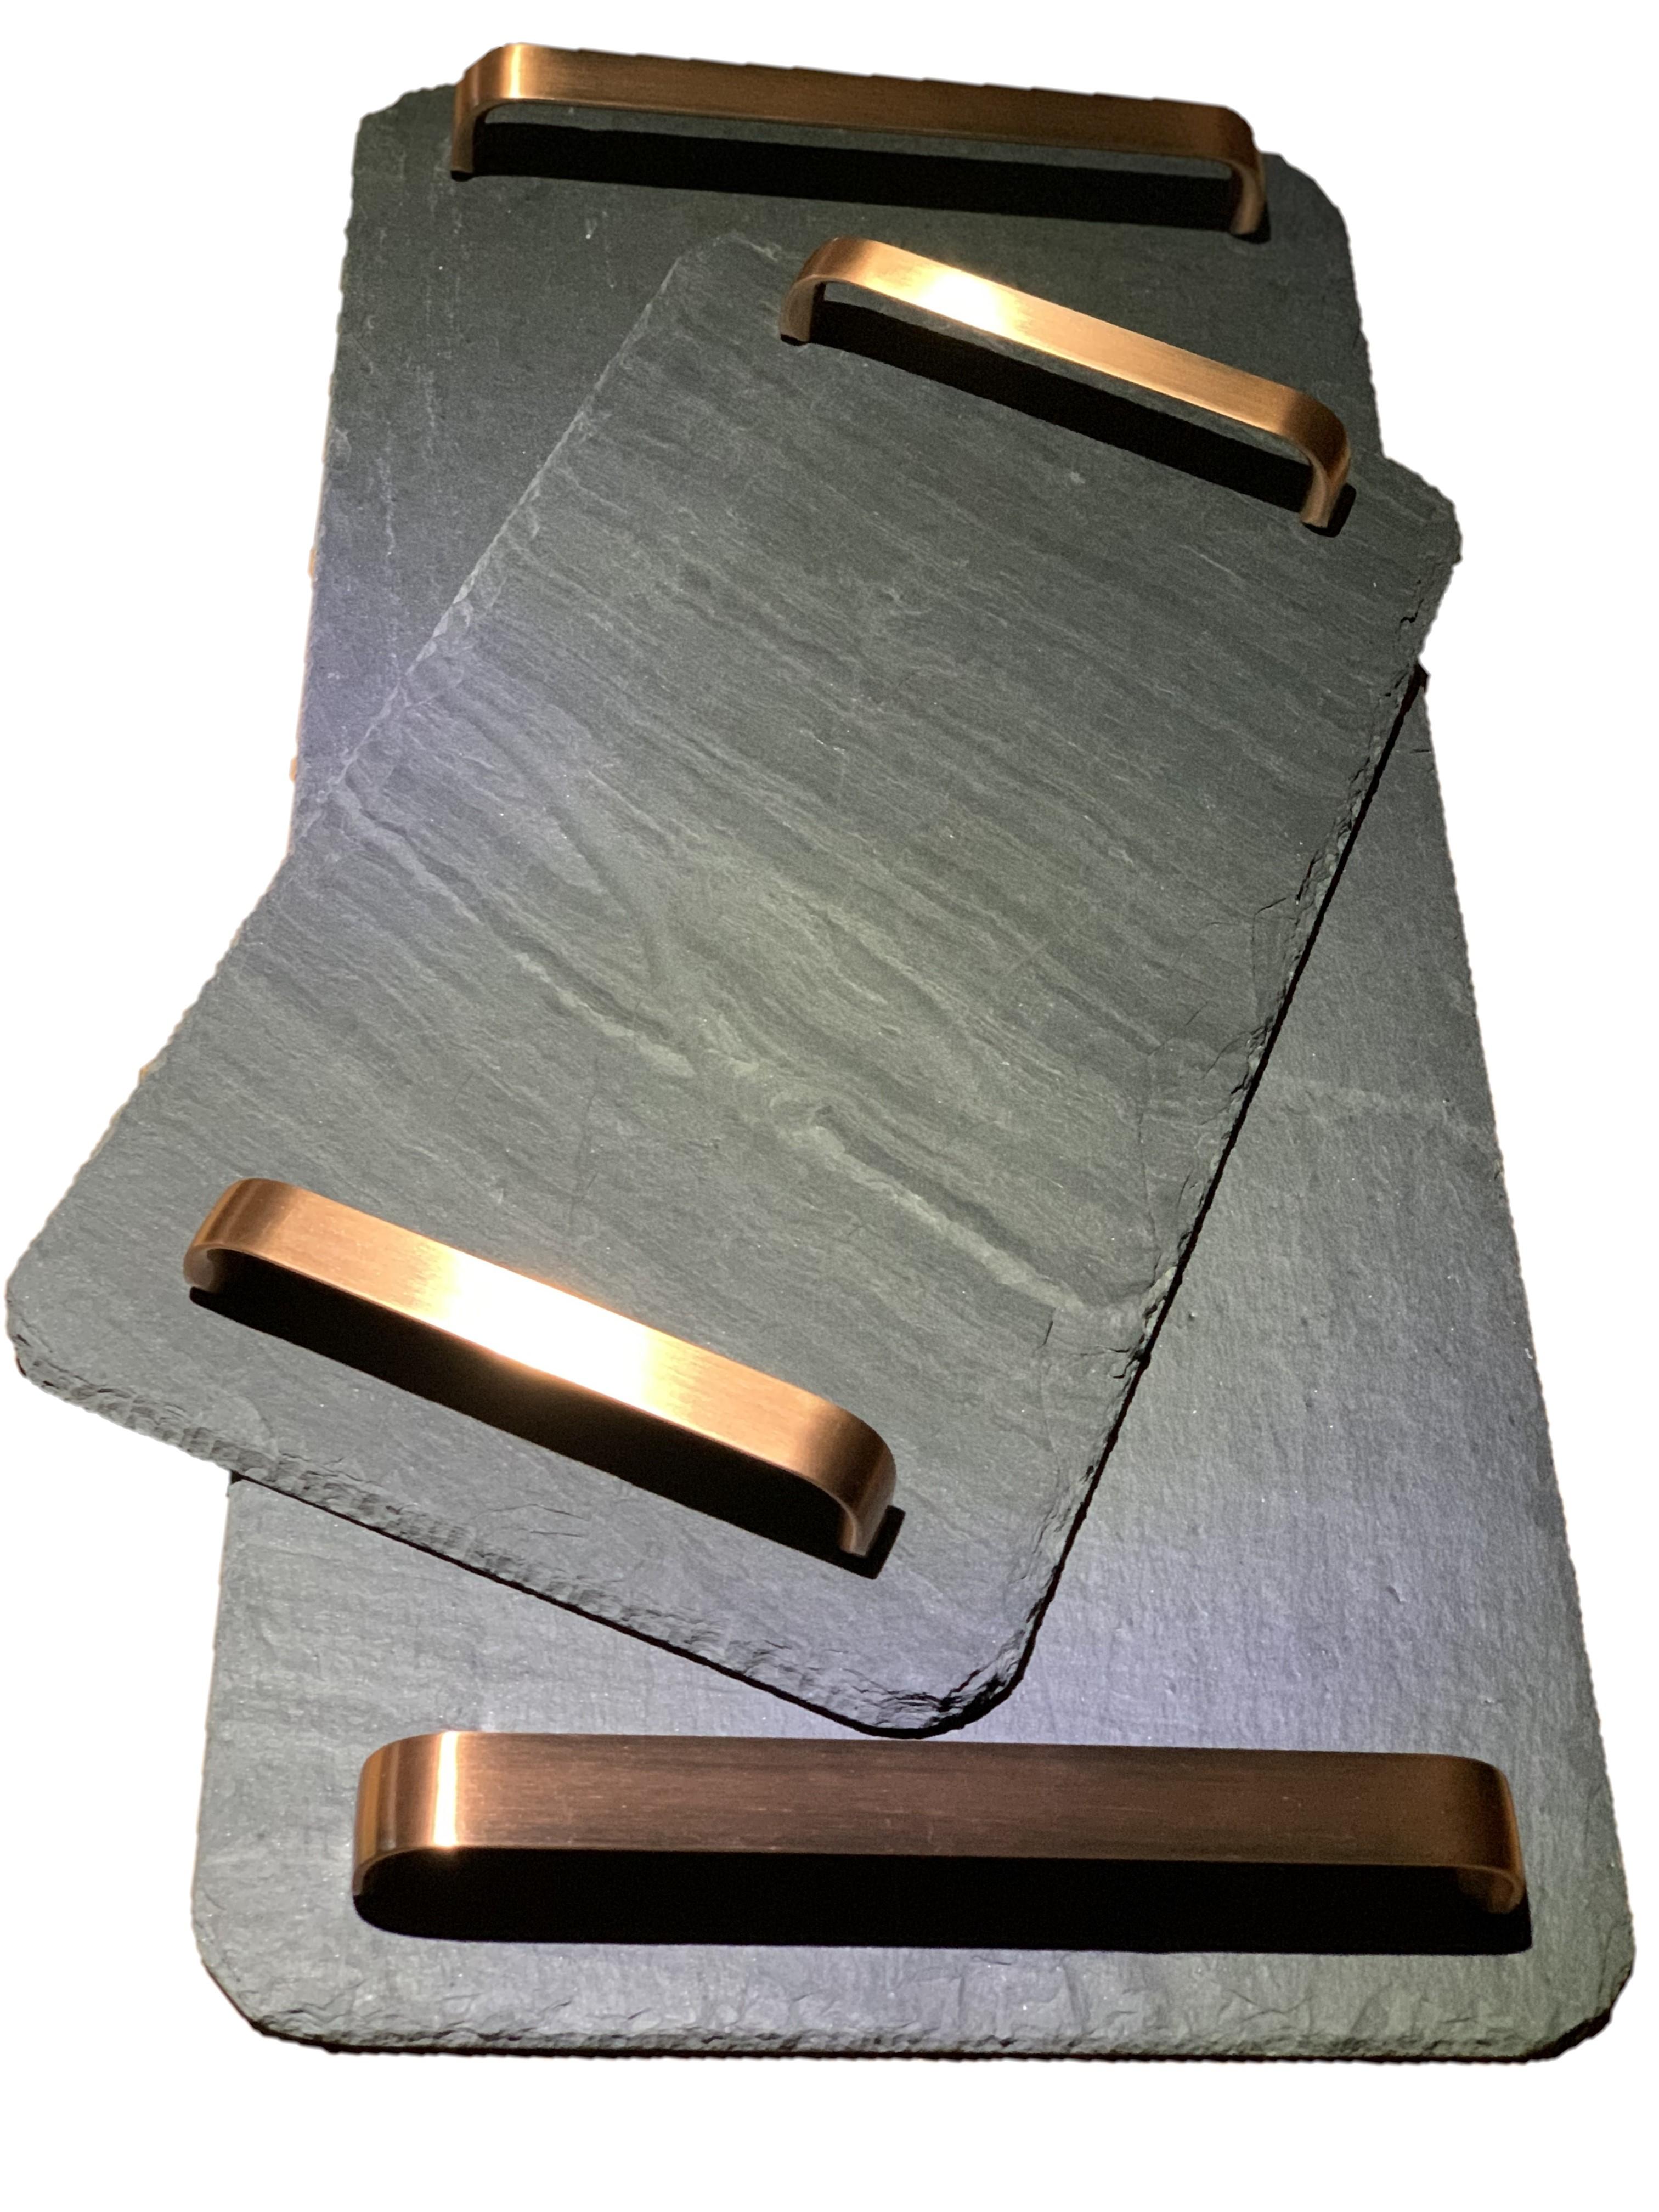 Schiefer Servierplatte rechteckig, versch. Griffe zur Wahl